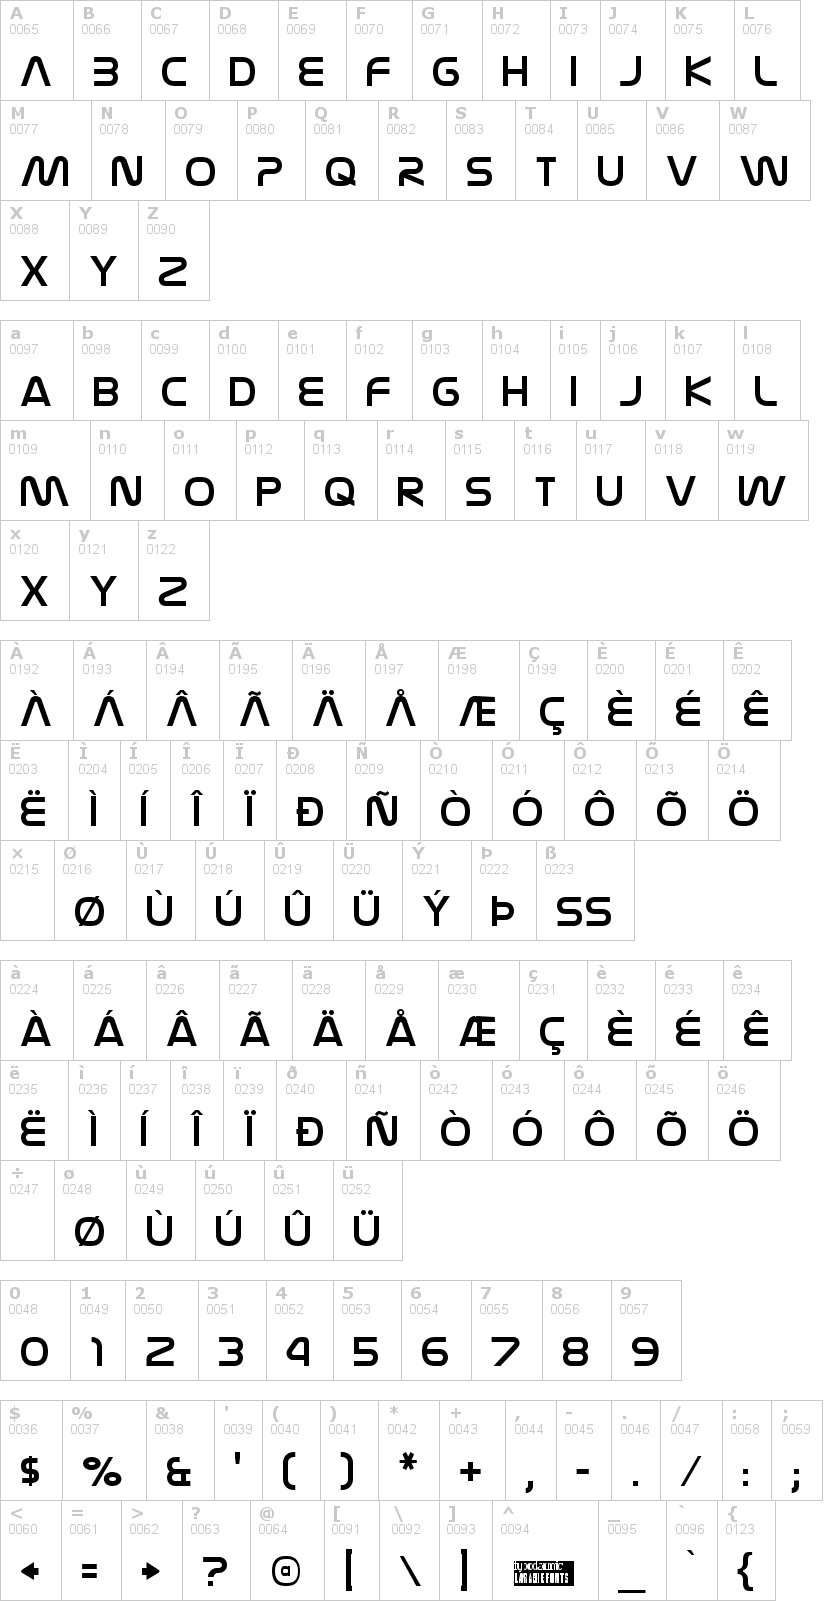 Lettere dell'alfabeto del font nasalization con le quali è possibile realizzare adesivi prespaziati